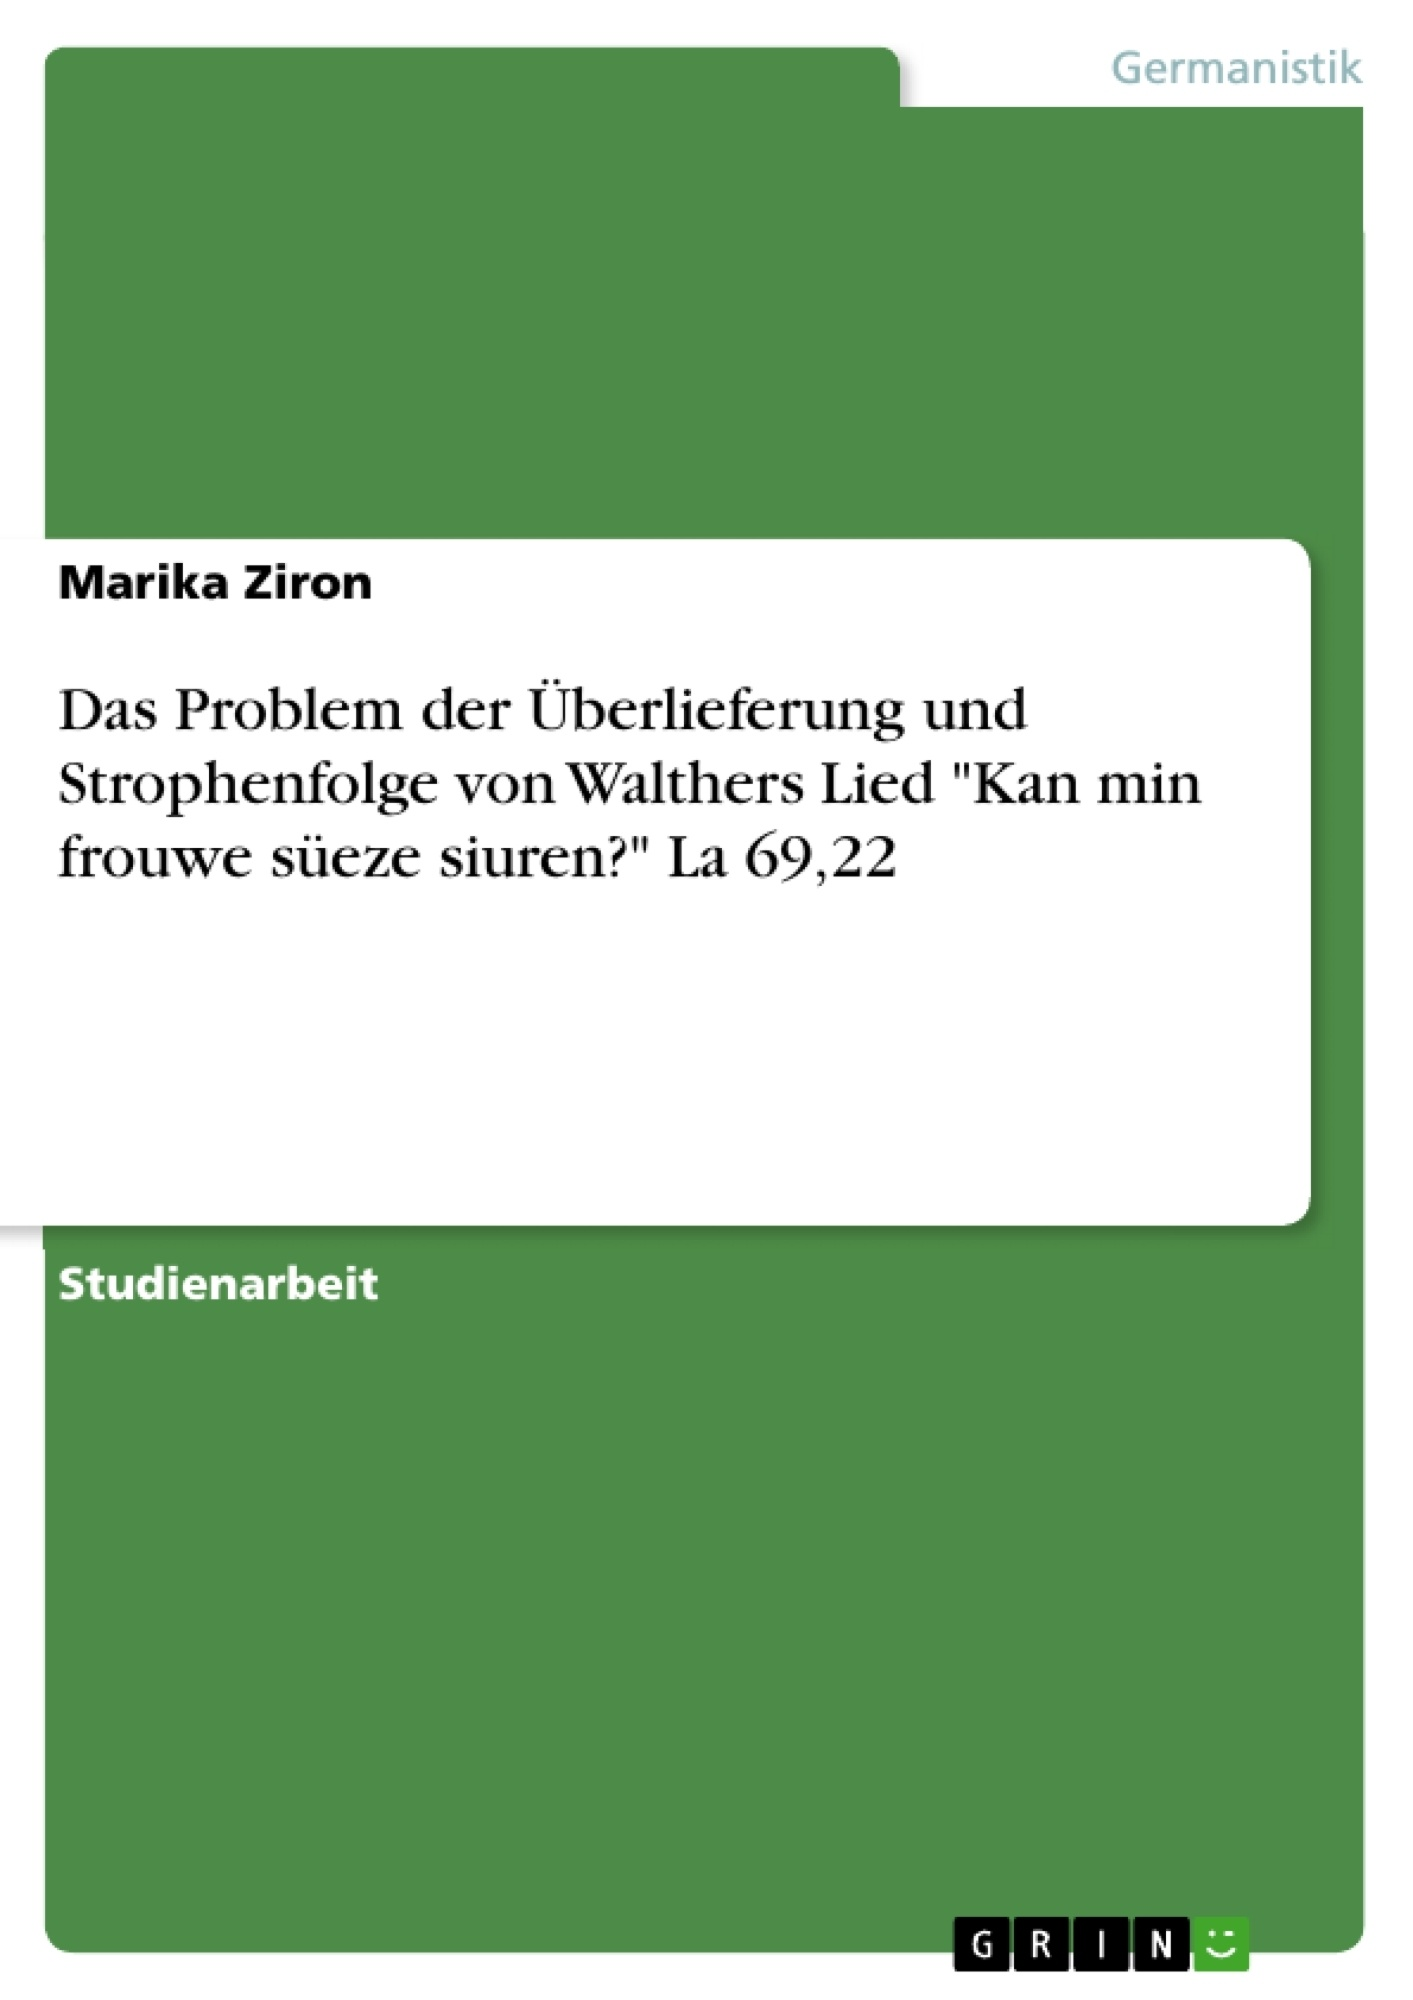 """Titel: Das Problem der Überlieferung und Strophenfolge von Walthers Lied """"Kan min frouwe süeze siuren?"""" La 69,22"""